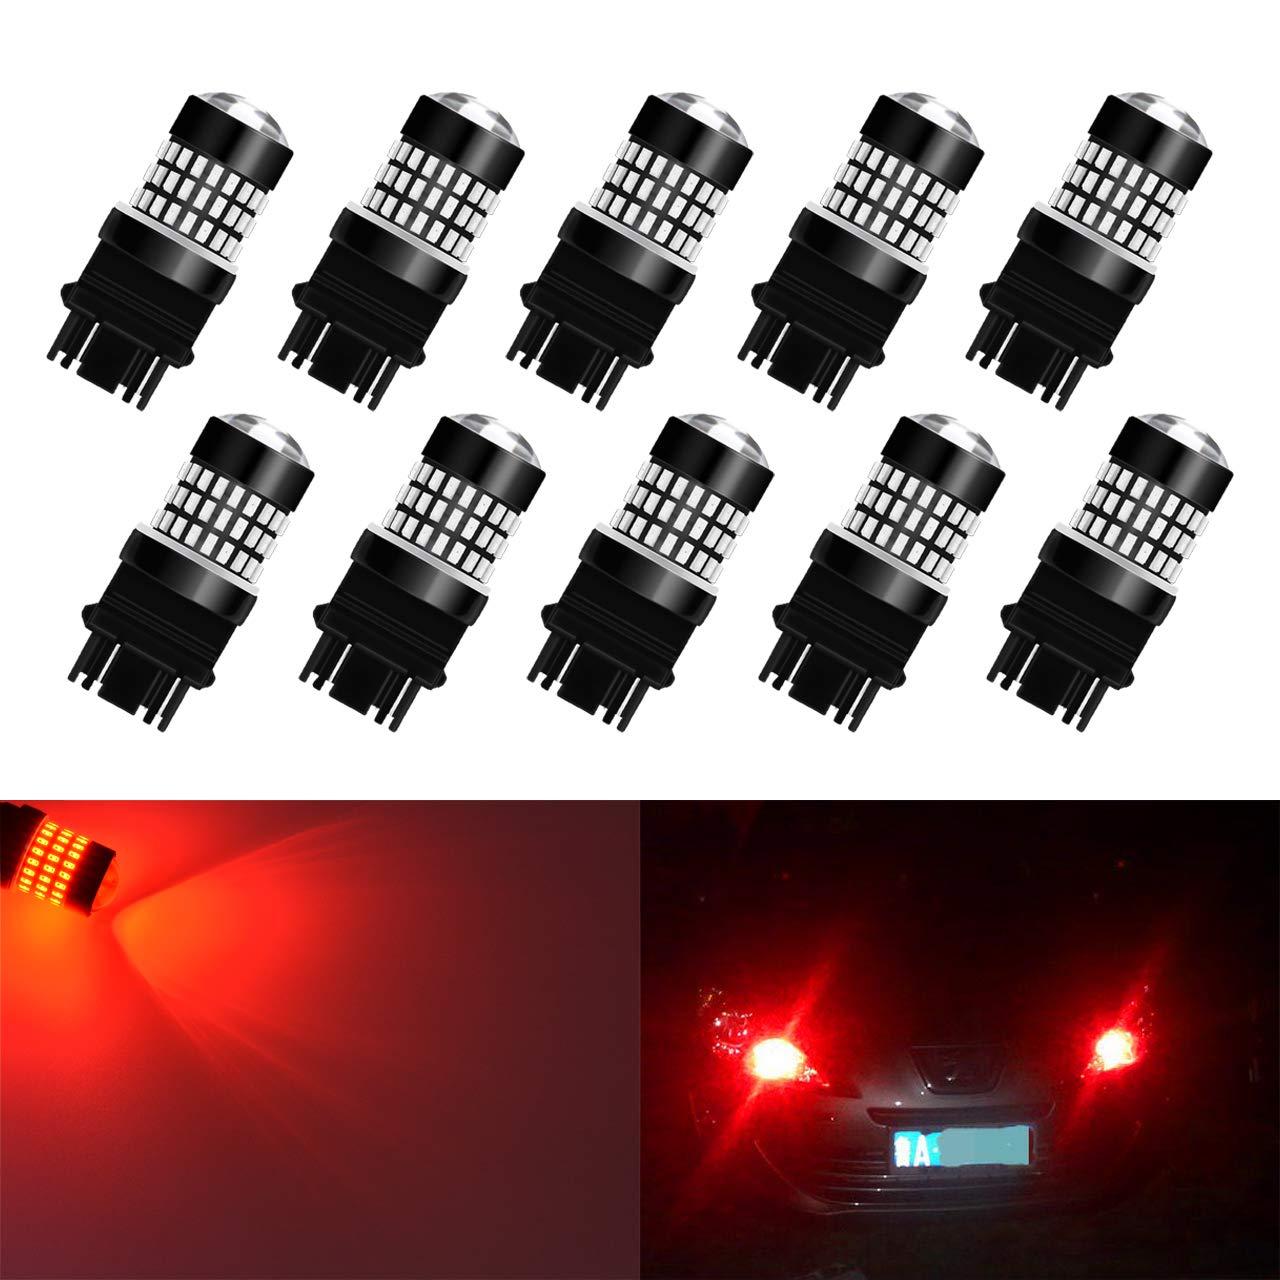 KaTur 1156 BA15S 7506 1073 1095 1141 Led Light Bulb Super Bright 900 Lumens High Power 3014 78SMD Lens LED Bulbs for Brake Turn Signal Tail Backup Reverse Brake Light Lamp,Xenon White Pack of 2